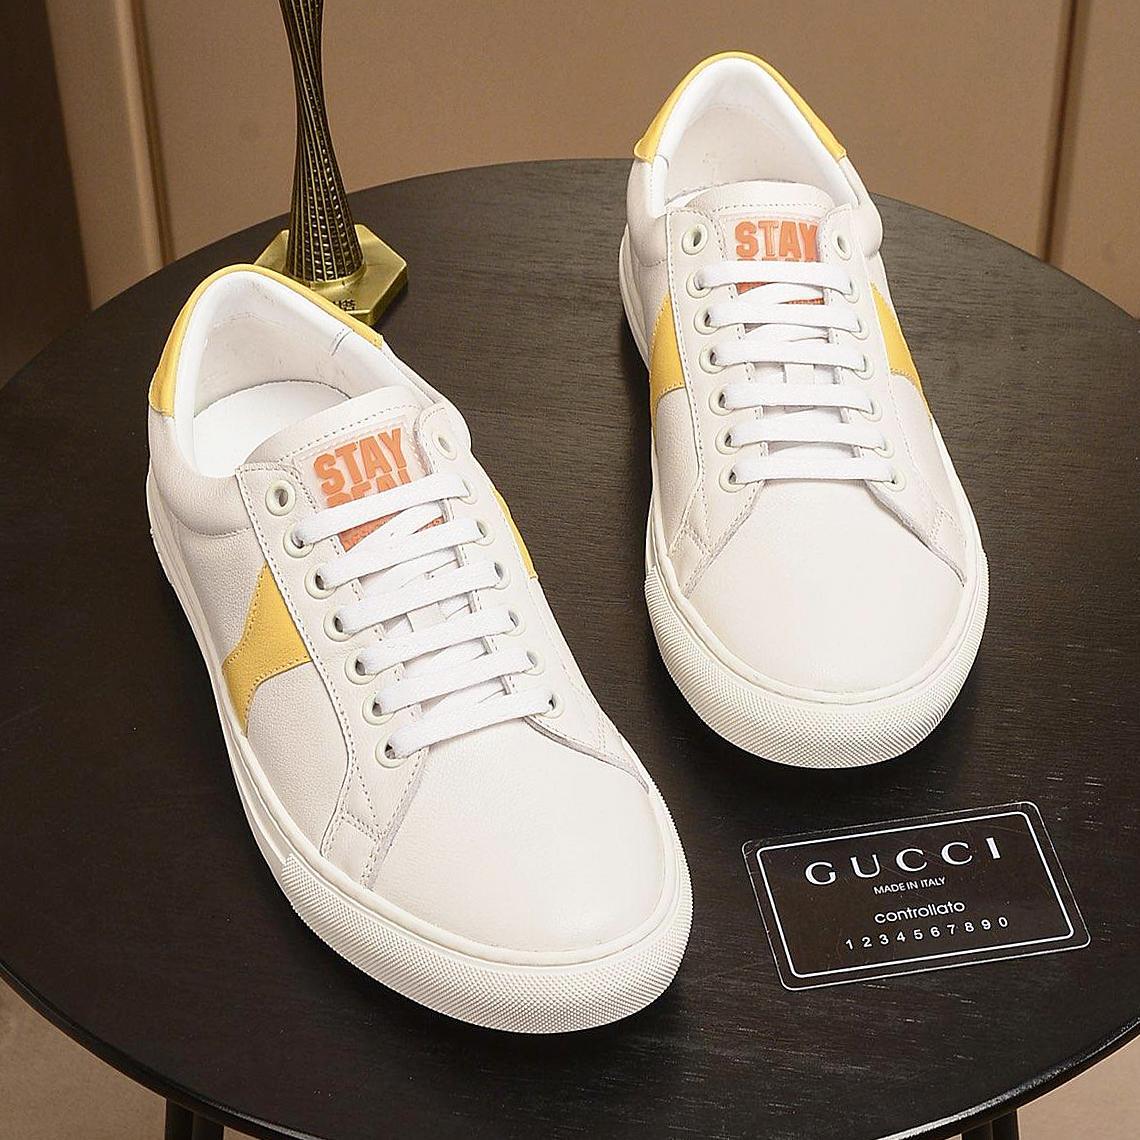 Neue hochwertige klassische Herren Freizeitschuhe, hochwertige Design Herren Skateboarding Boarding Schuhe, Herren Lederschuhe flache Schuhe mit qp